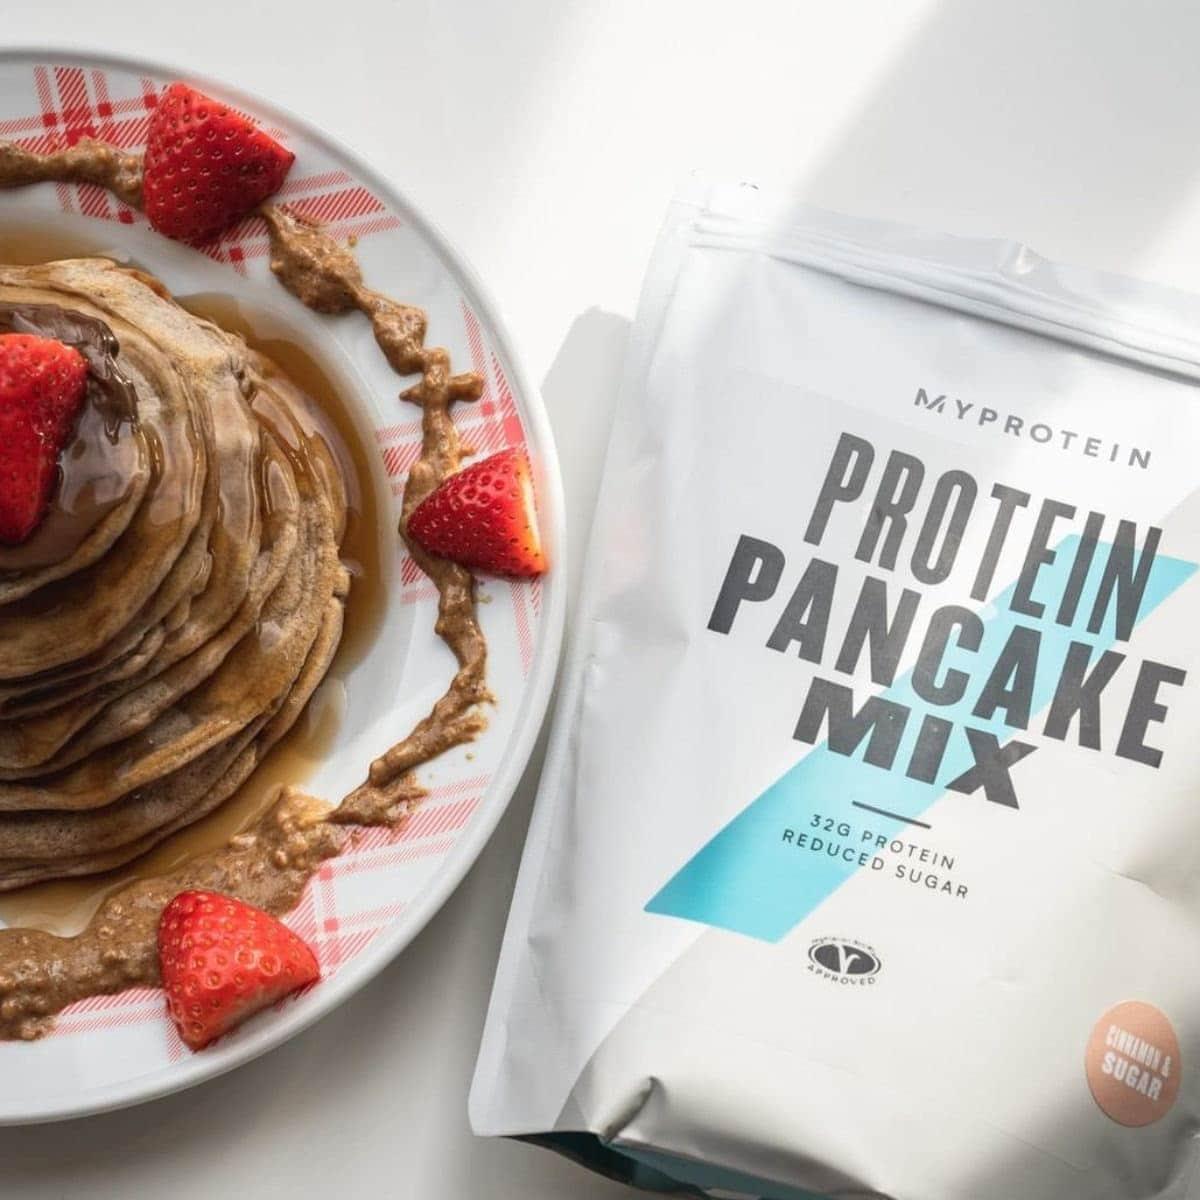 Myprotein - Protein Pancake Mix (1KG) - myprotein protein pancake stack